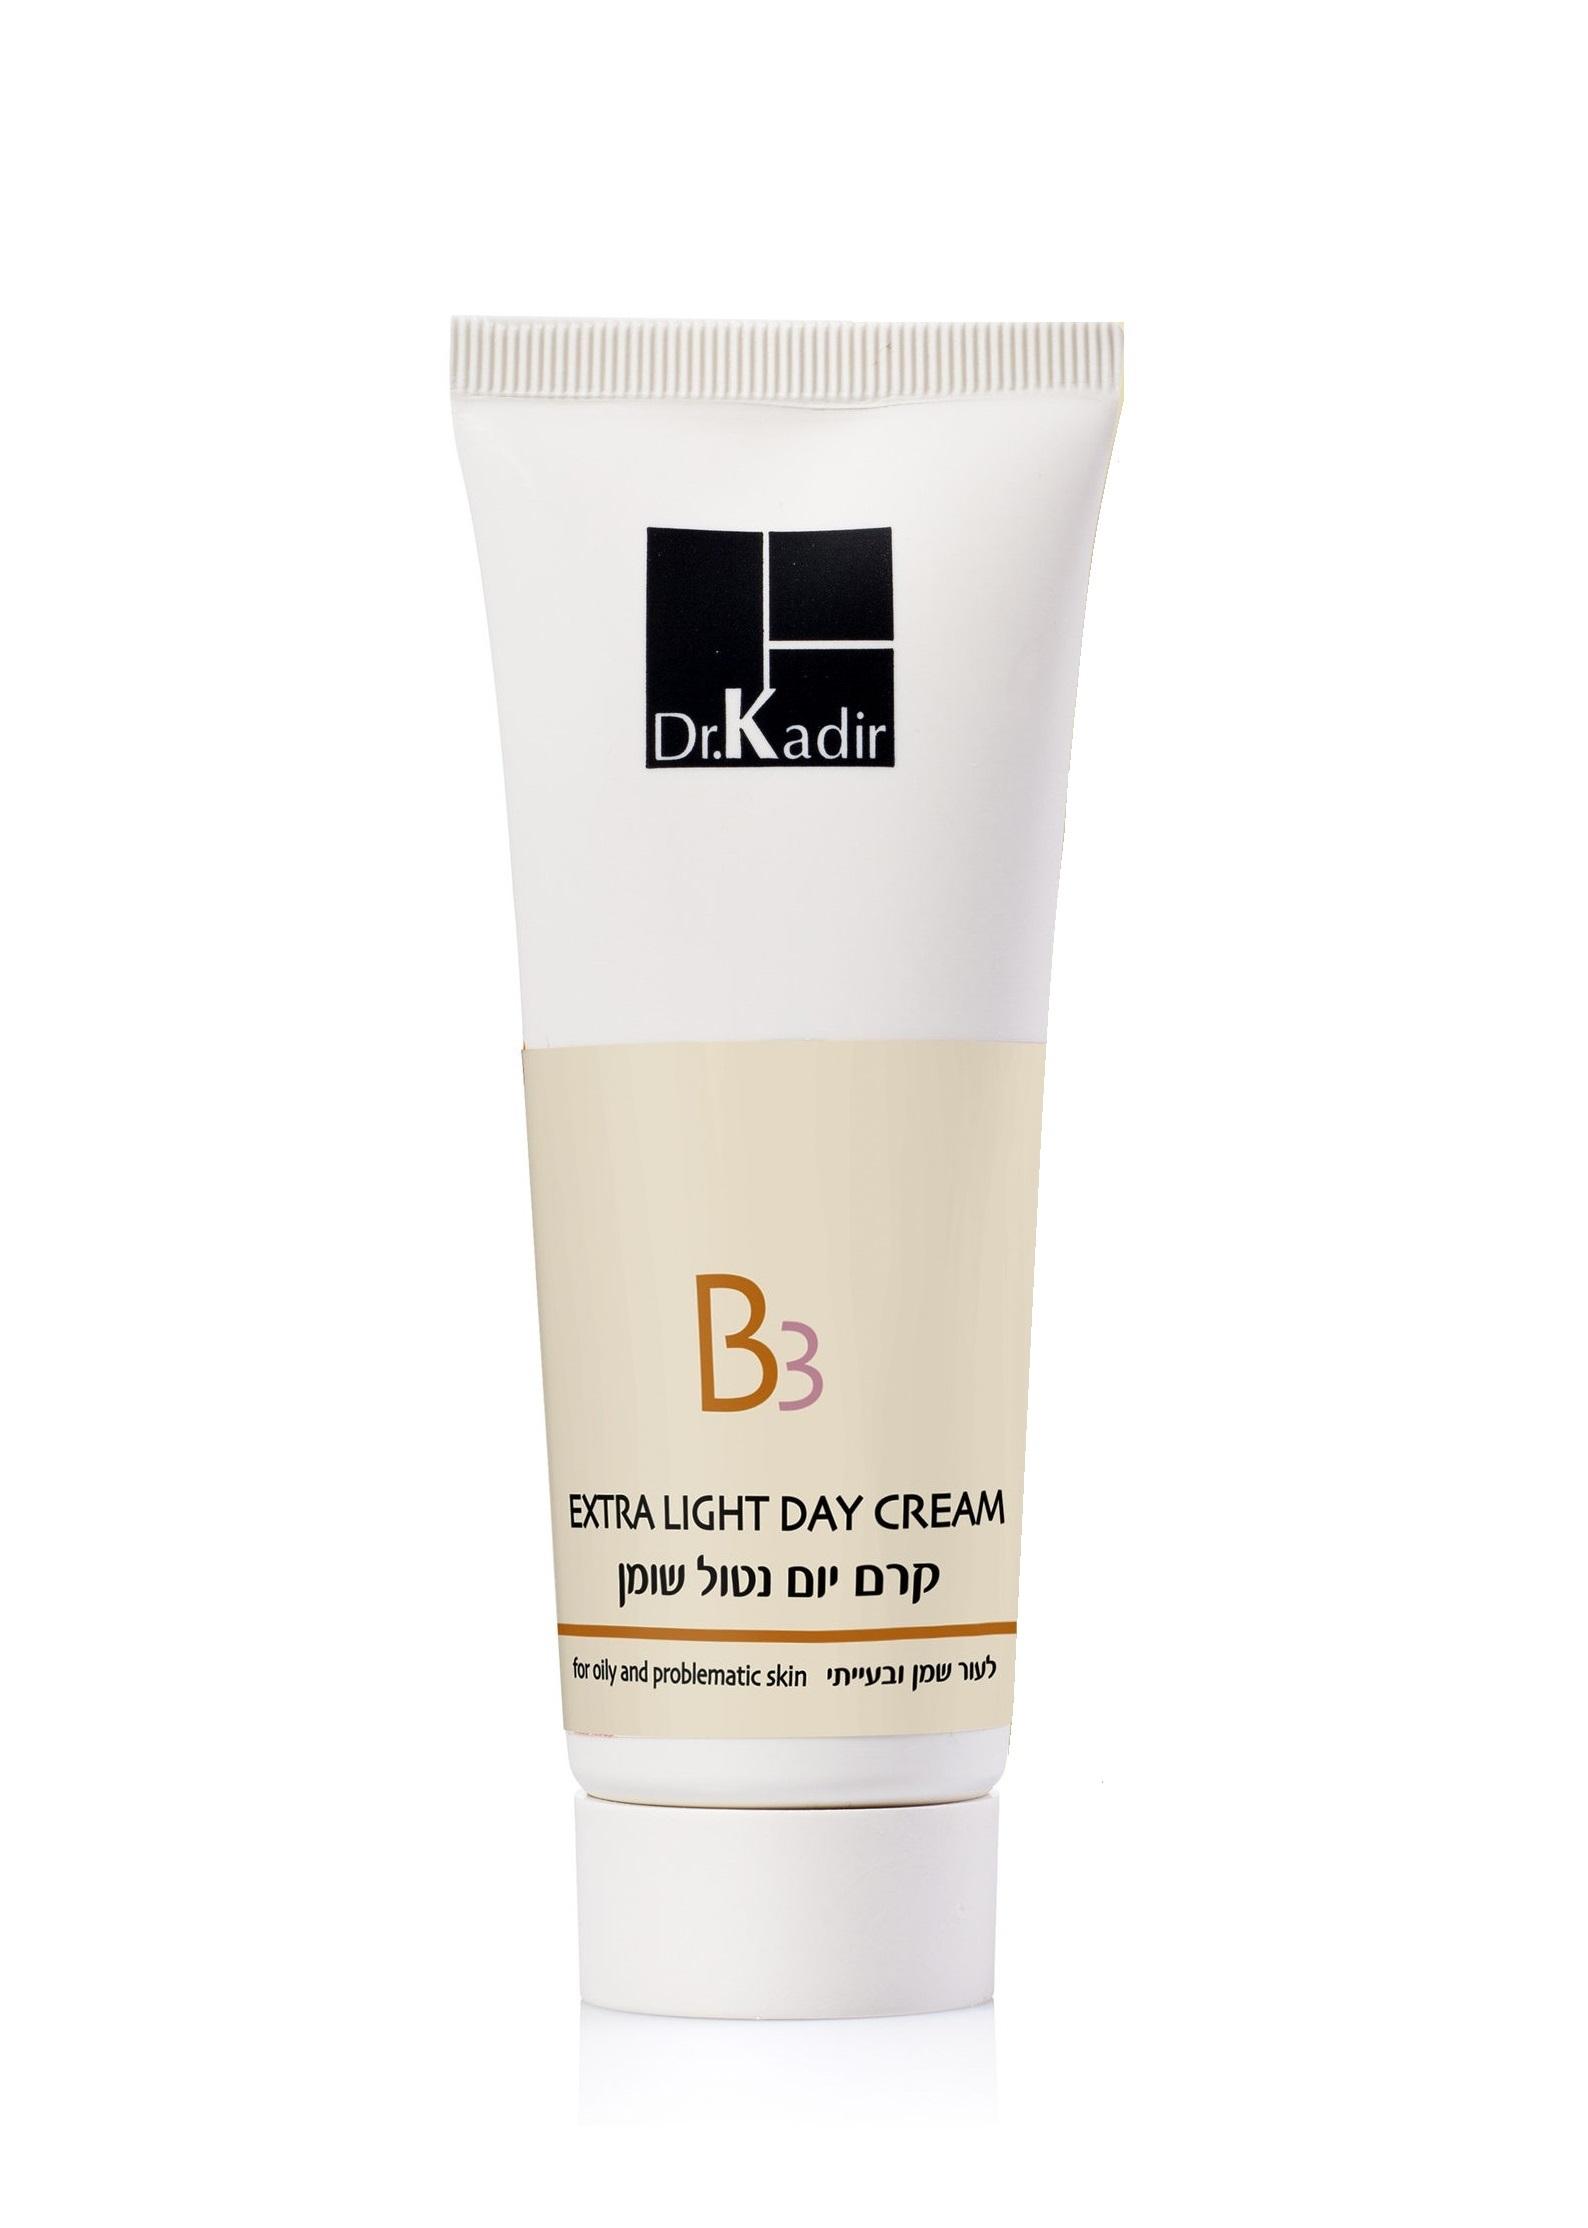 Dr. KADIR Крем легкий дневной для жирной и проблемной кожи В3 / B3 – Extra Light Day Creamfor oily and problematic skin 75 мл  - Купить